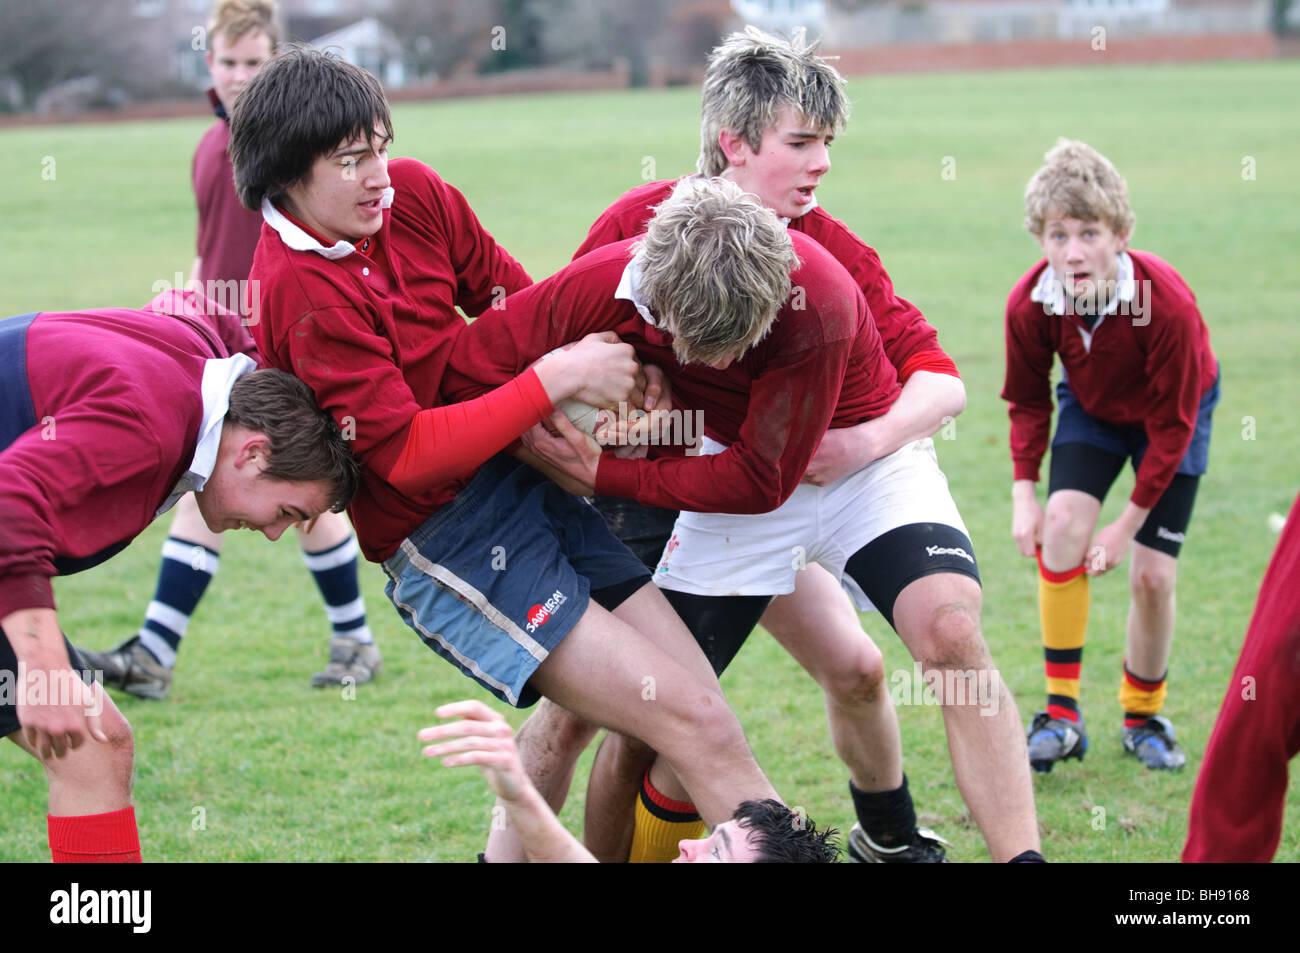 Adolescents jouant un jeu de rugby, sport et jeux d'éducation physique à l'école secondaire, Photo Stock